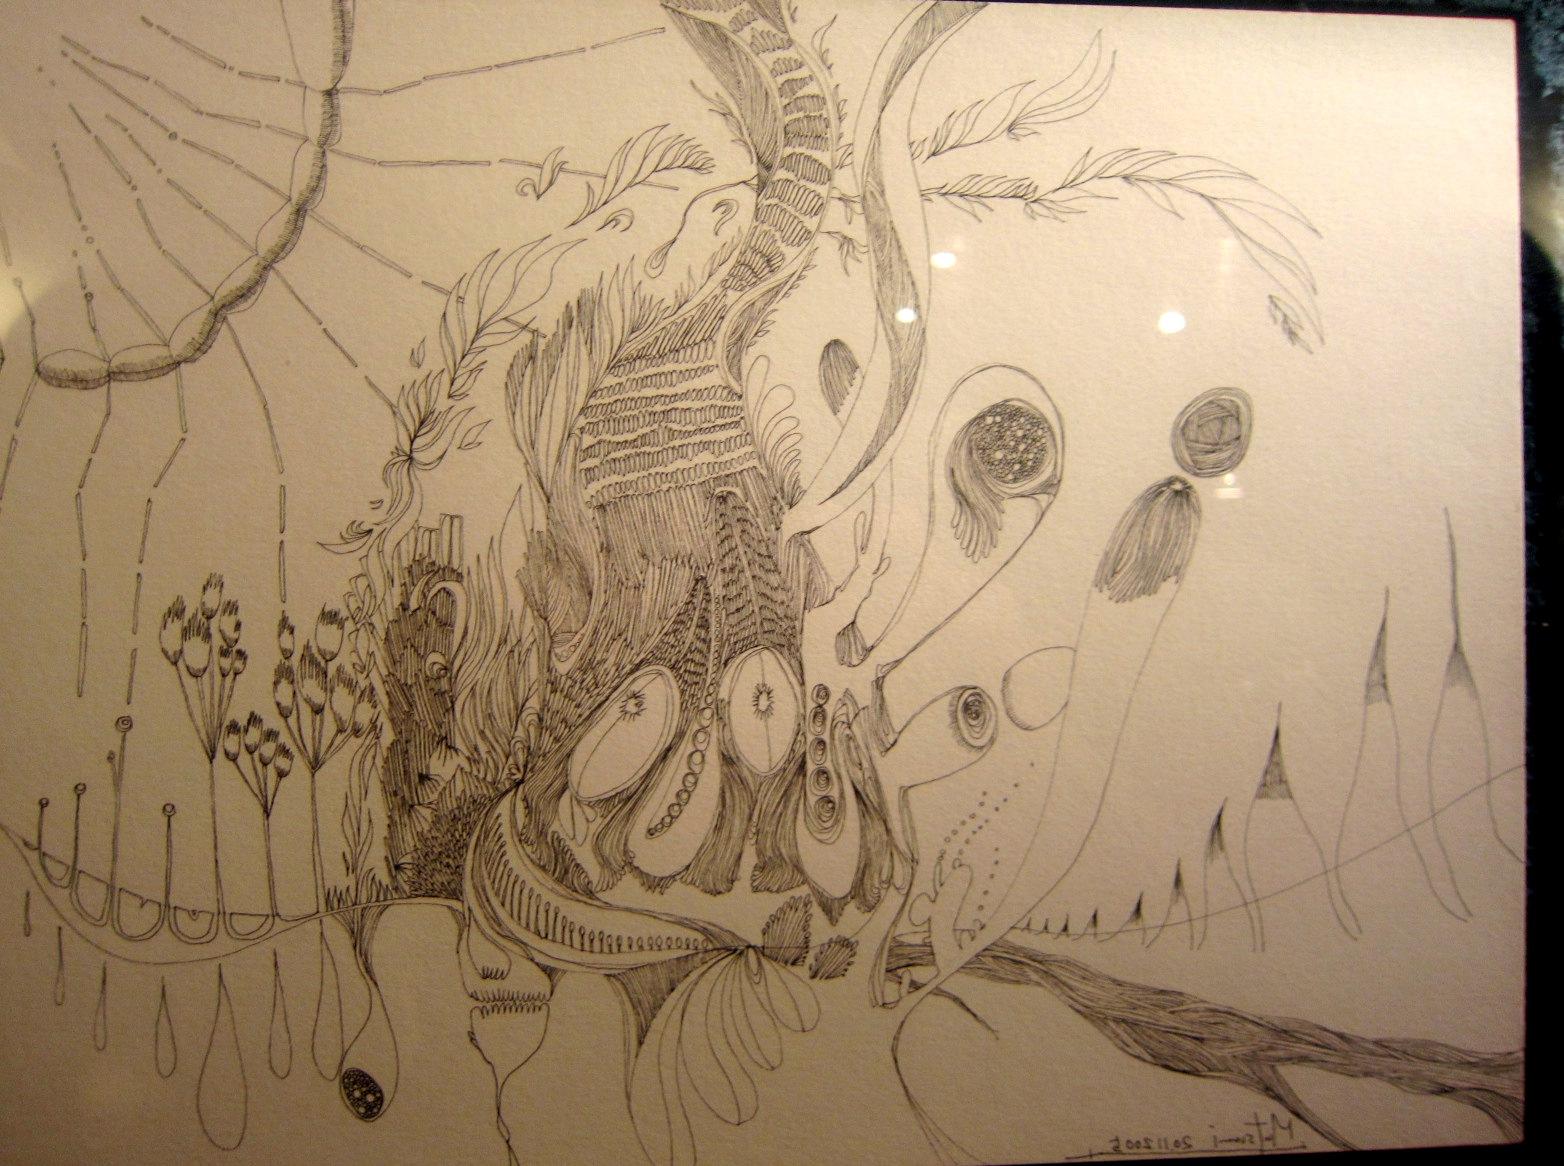 1964)「内山睦 展 『幻想植物譜』」 カフェエスキス 2月14日(木)~3月12日(火)_f0126829_8192163.jpg